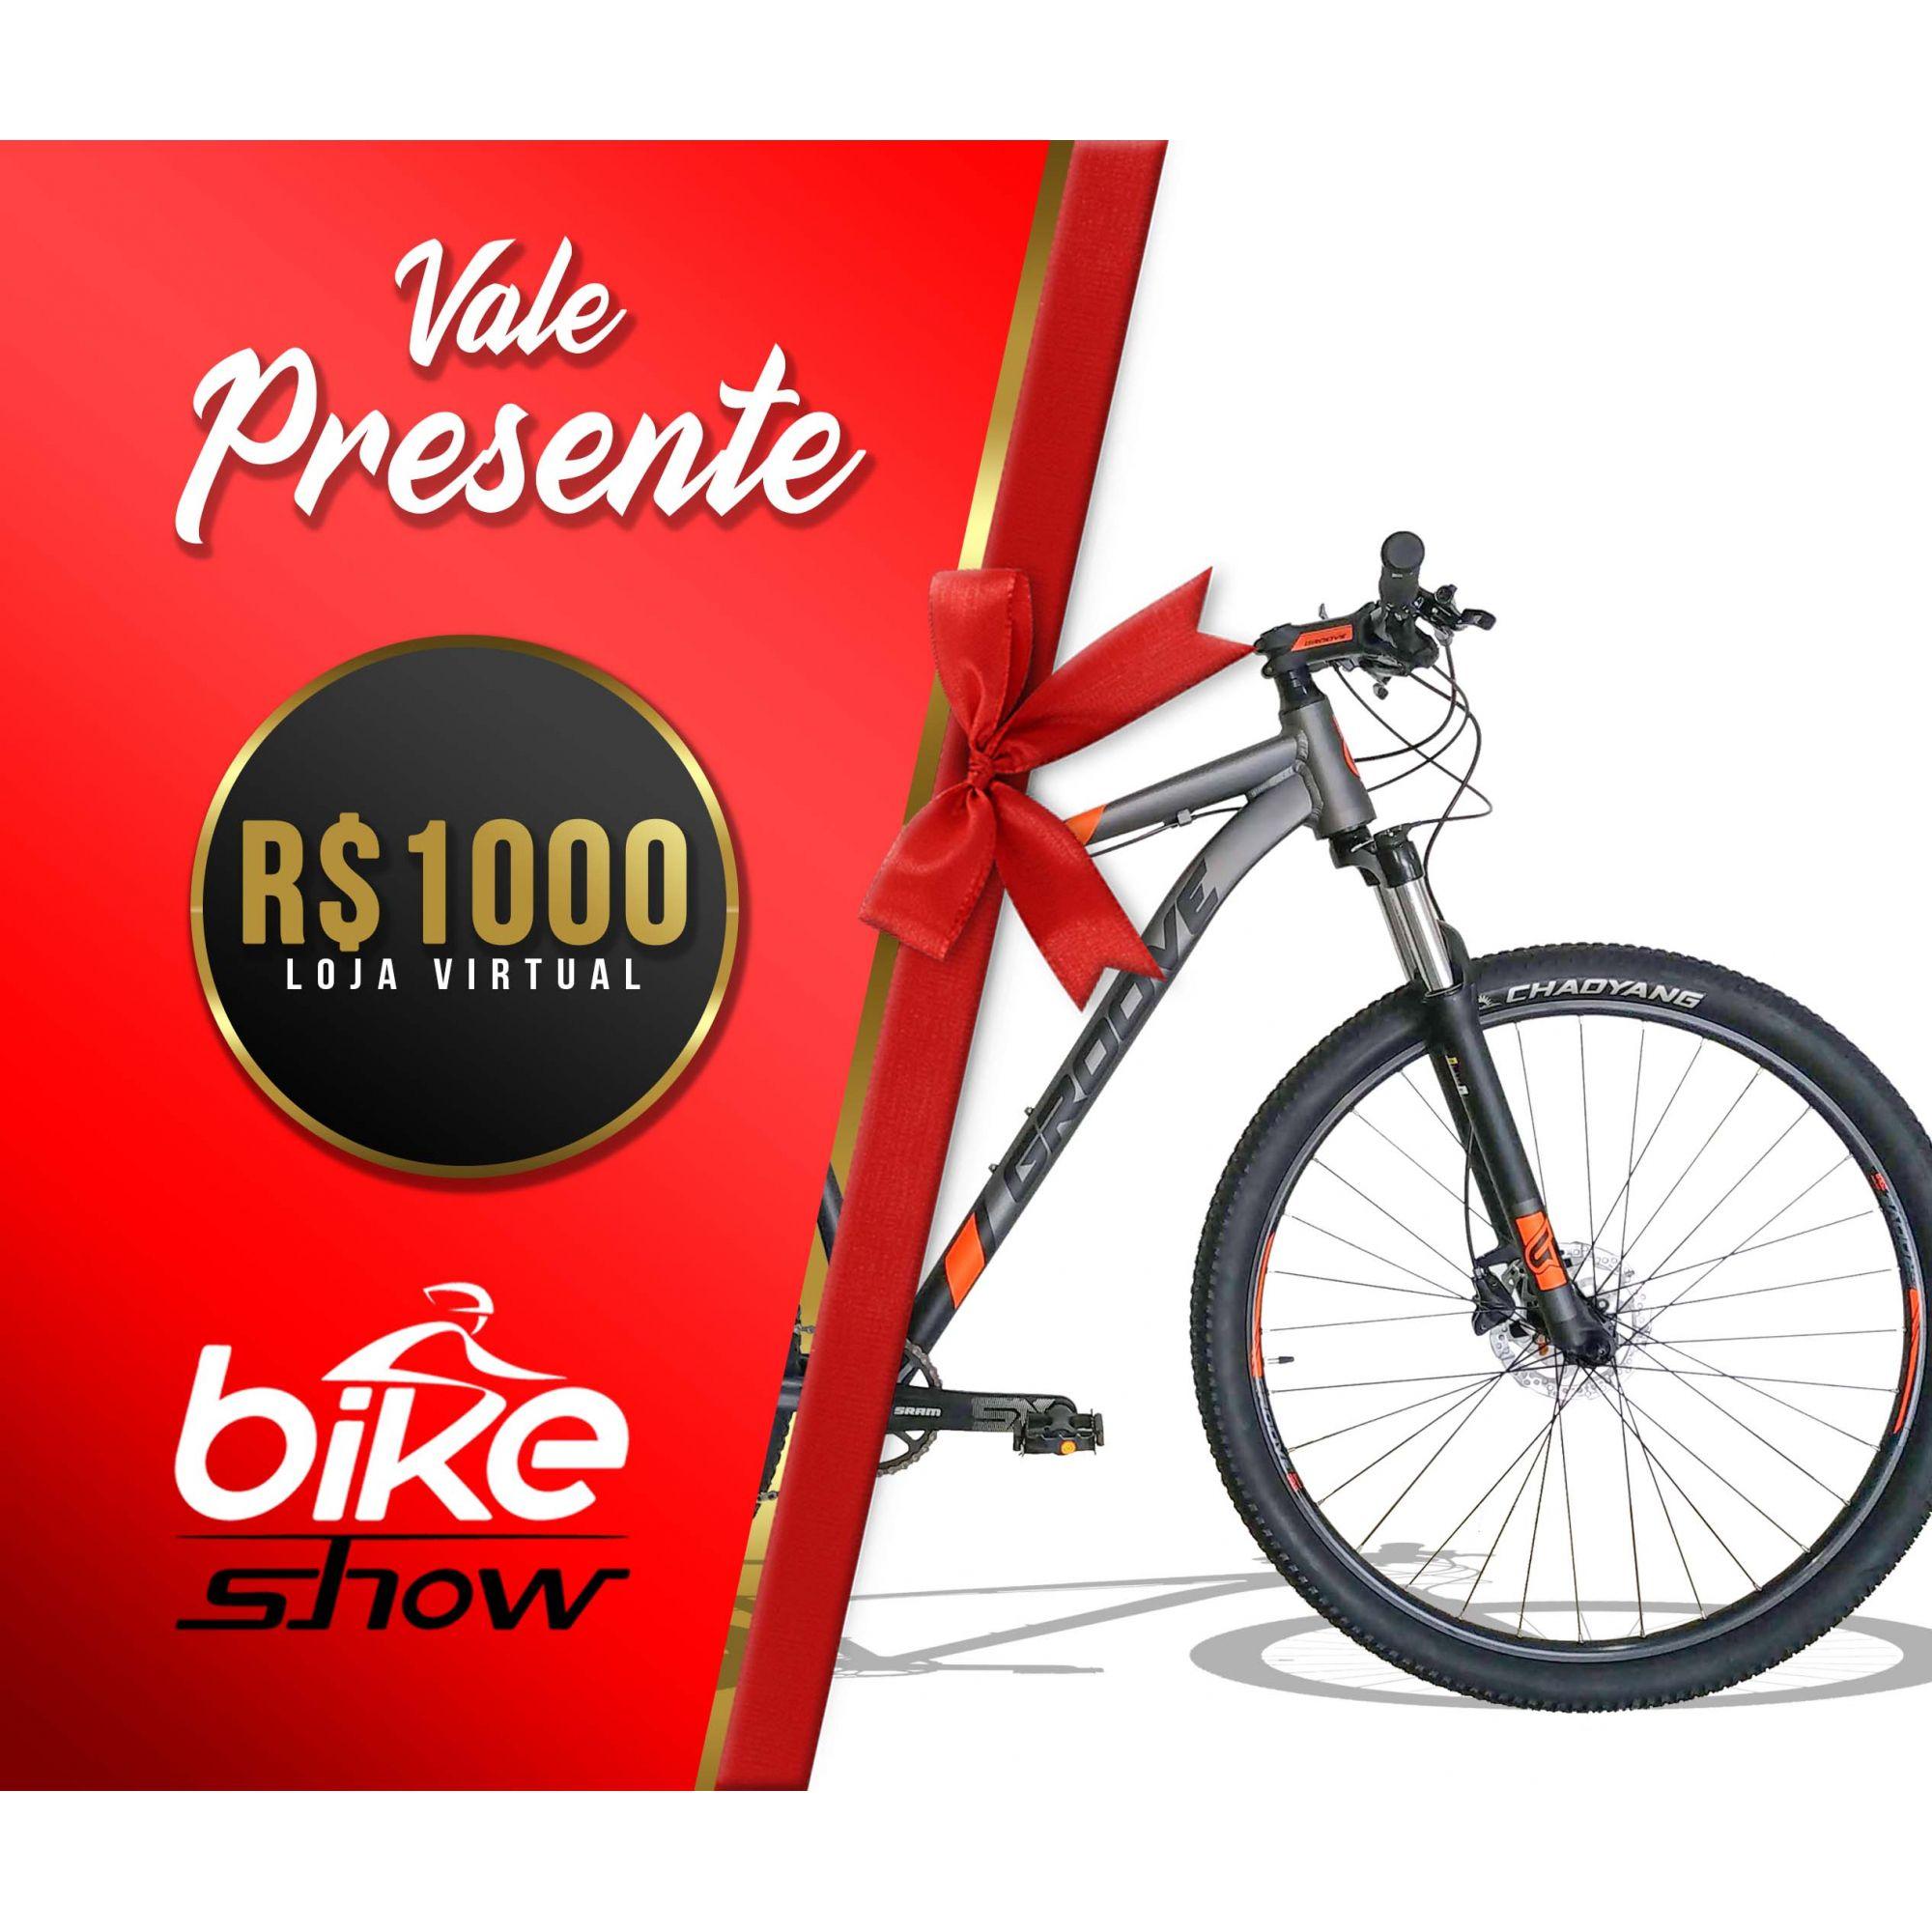 VALE PRESENTE NO VALOR DE R$ 2145,00 em até 12 parcelas